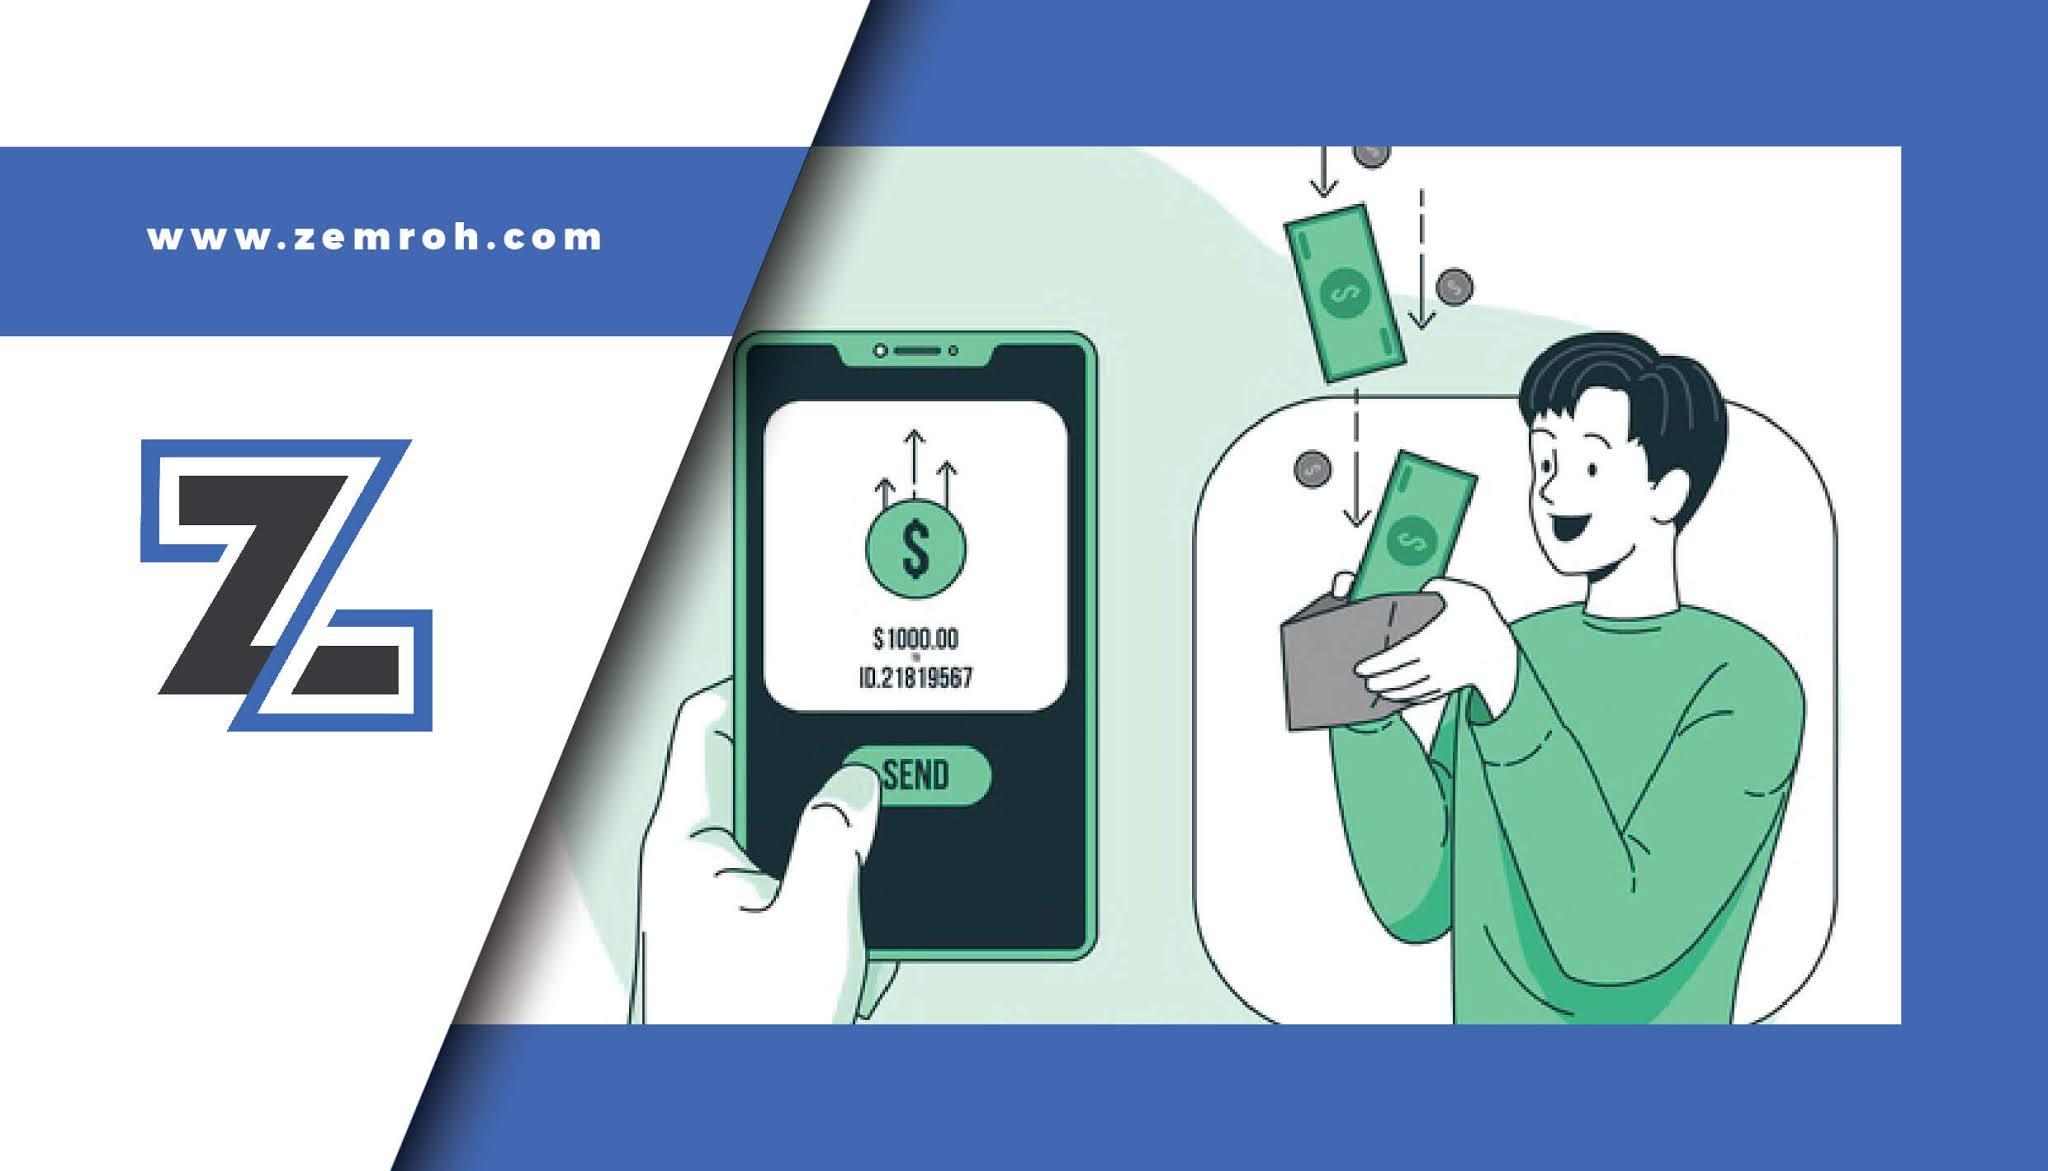 Cara untuk membuat nge-blog jadi lebih Efektif dan mendapatkan Uang lewat Internet